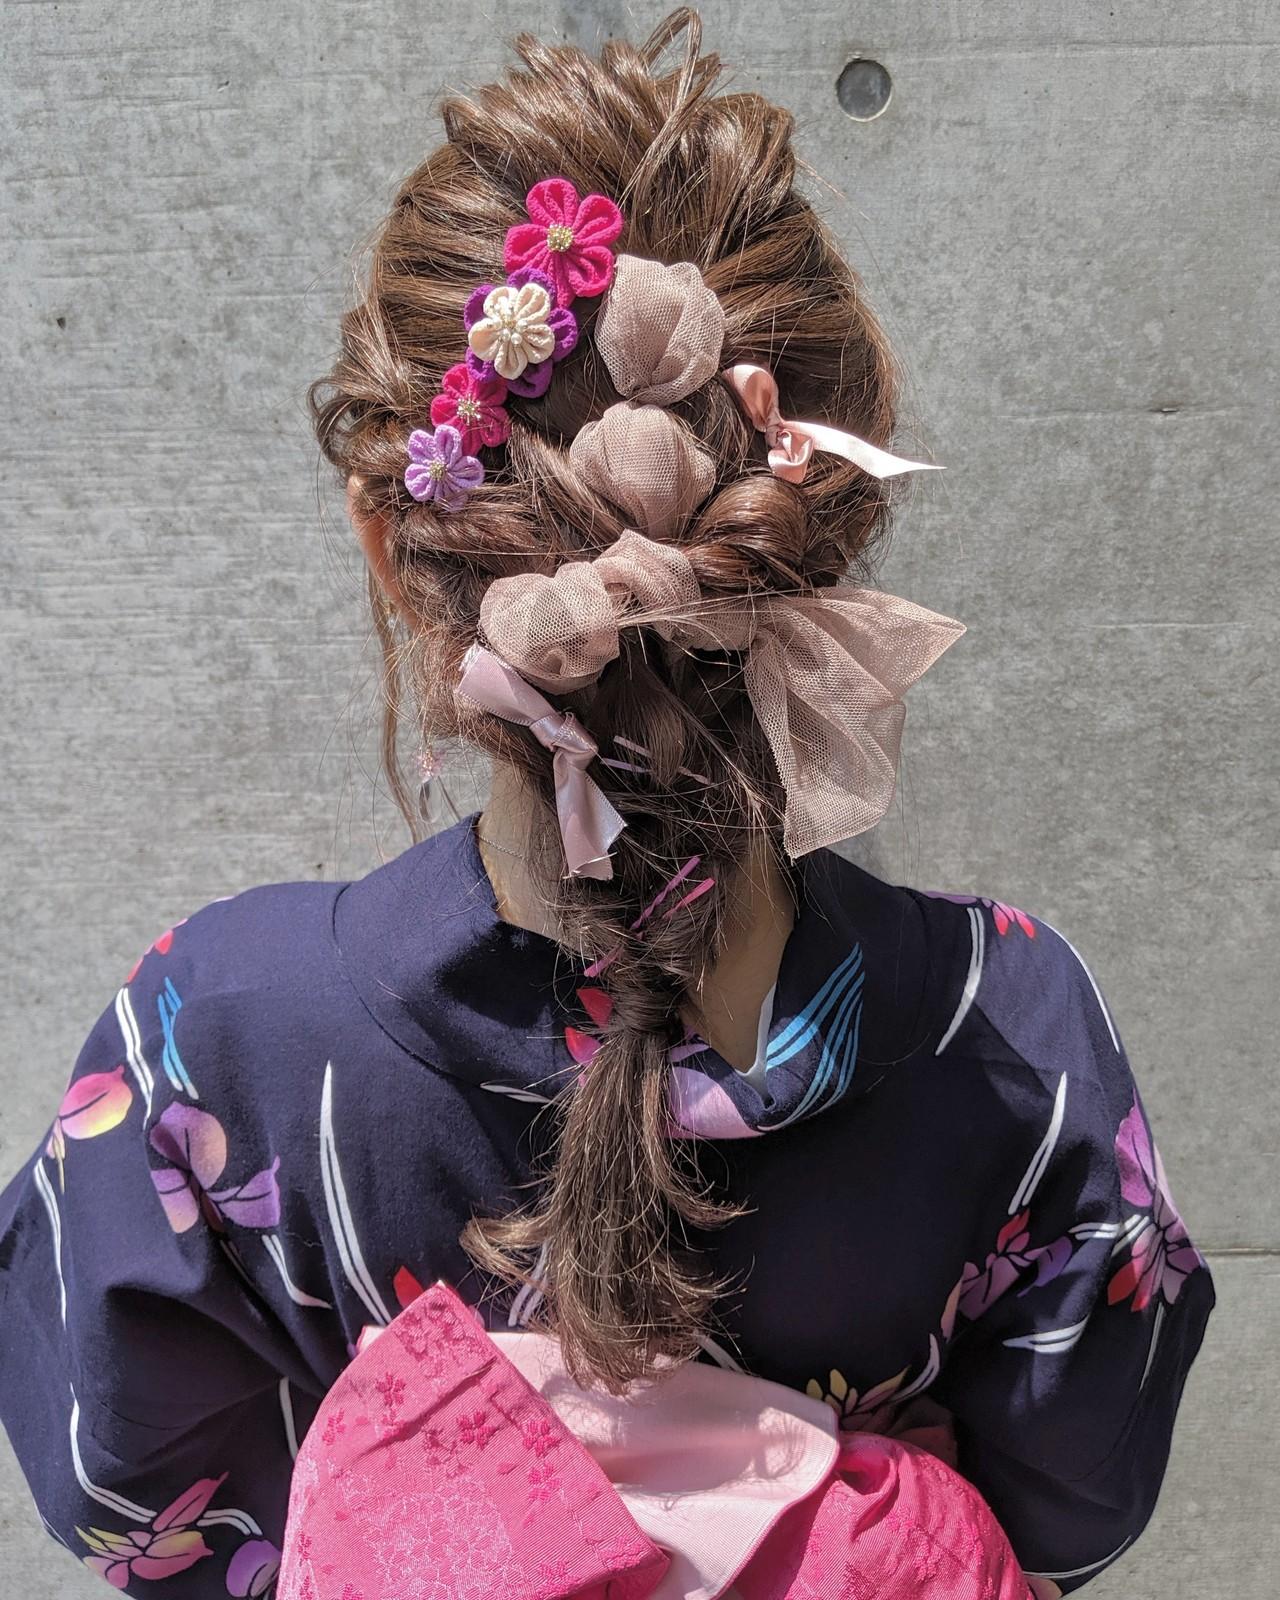 ガーリー リボンアレンジ 編みおろし 浴衣アレンジ ヘアスタイルや髪型の写真・画像